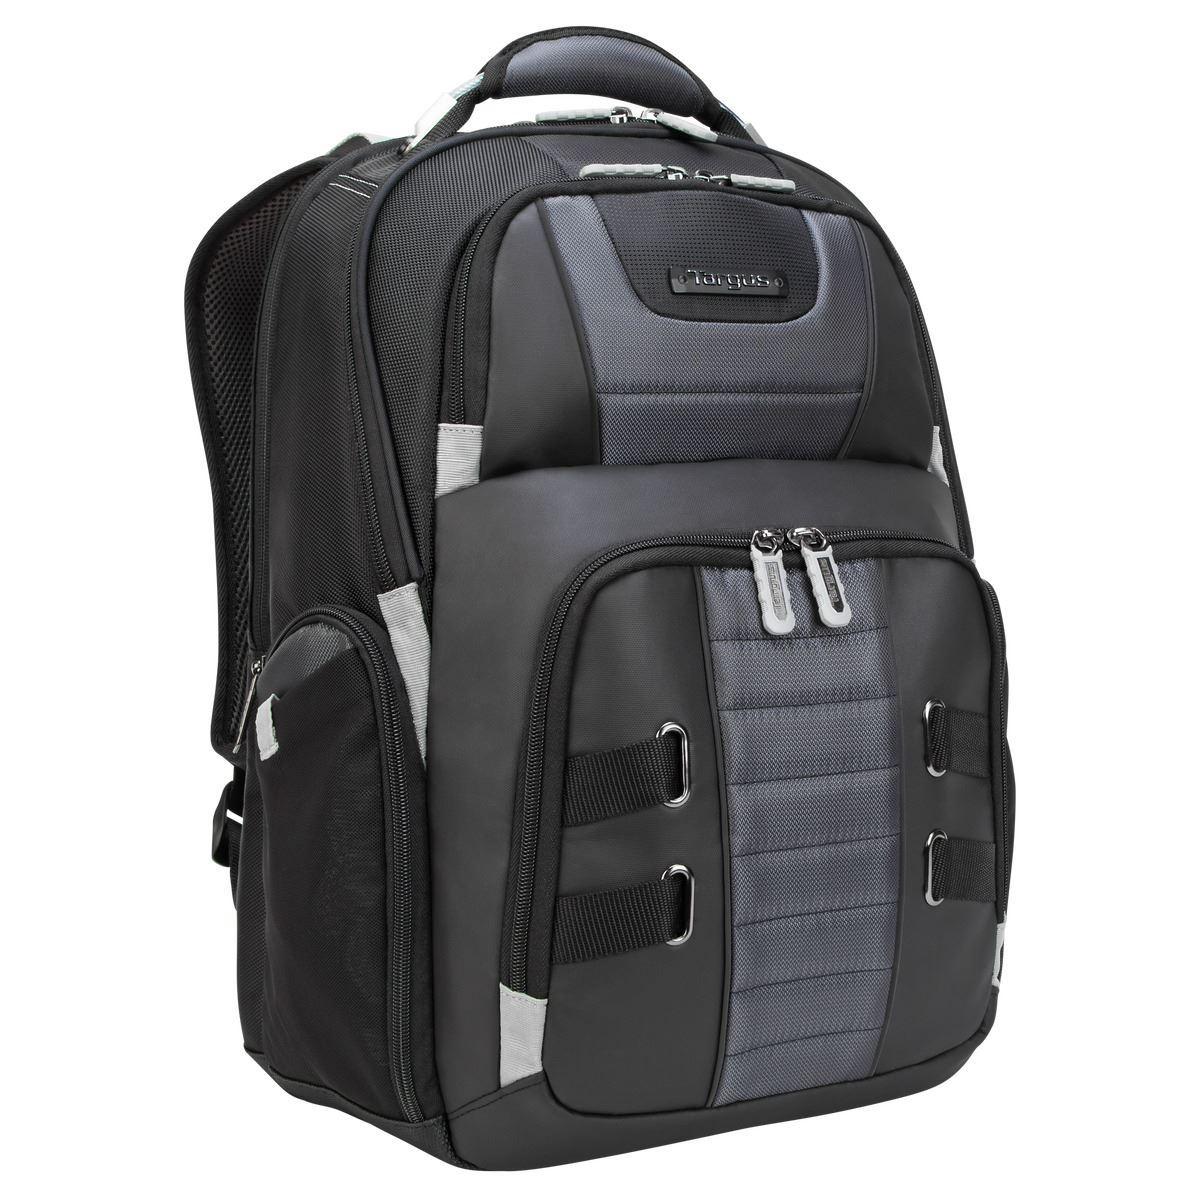 Sac a dos pour ordinateur portable 12'' 15,6'' Targus Drifter Trek USB Power Pass Noir 27 L